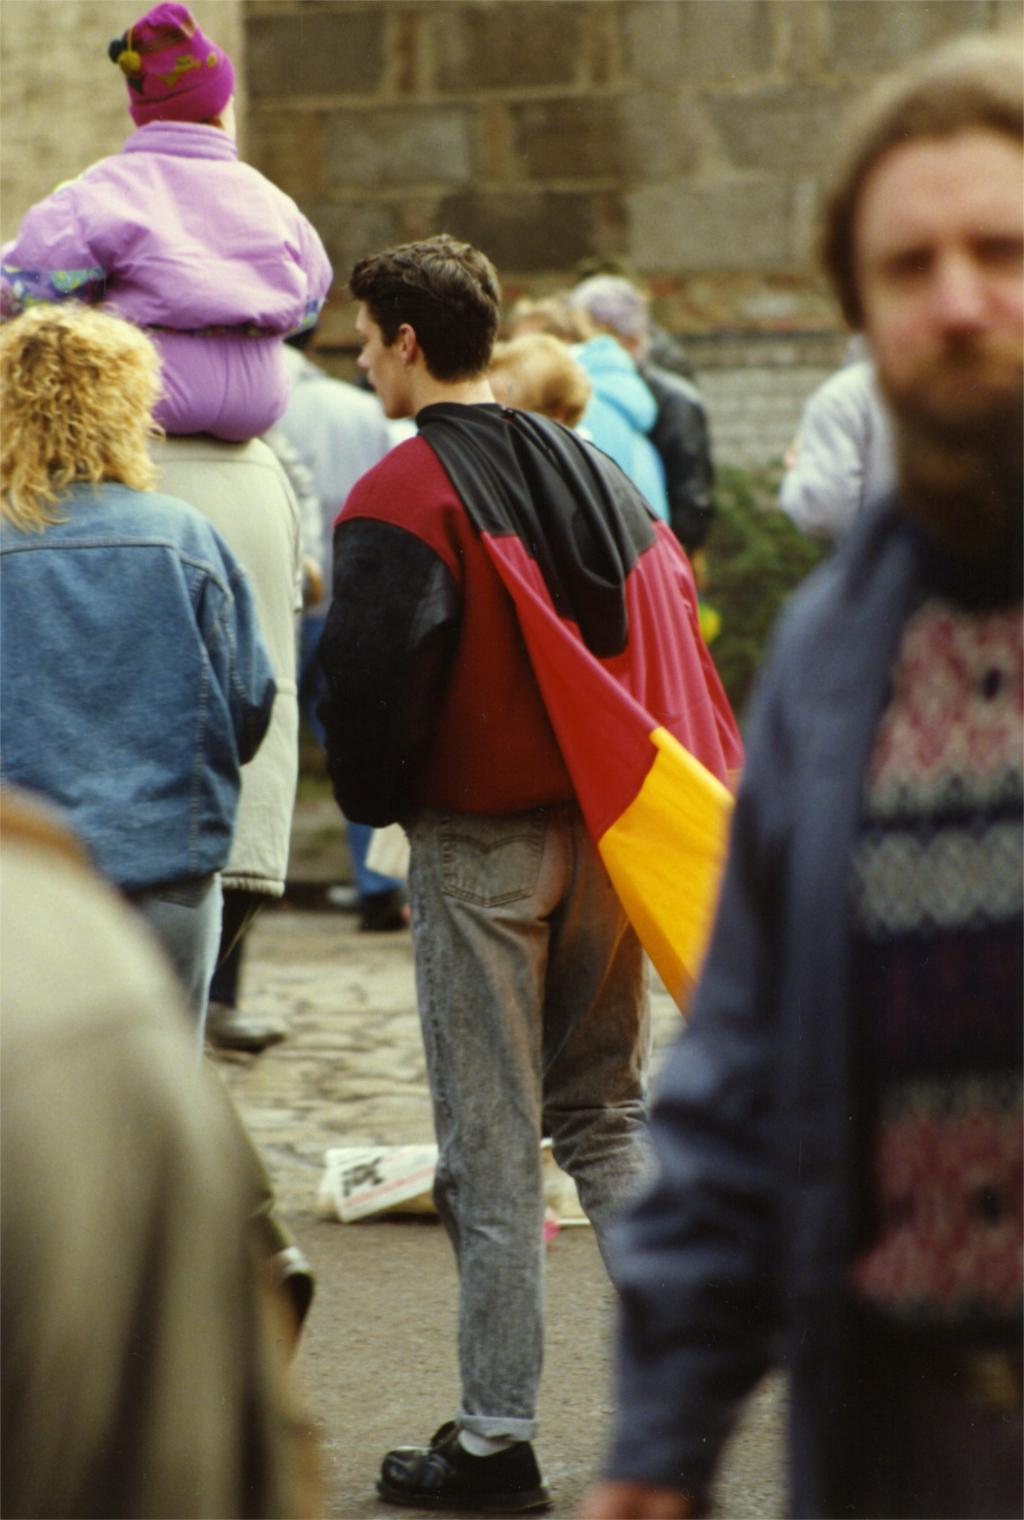 Geschichte wird gemacht: Mann mit Deutschlandflagge beim Straßenfest anlässlich der Öffnung des Grenzübergangs Oranienburger Chaussee/Berliner Straße, März 1990. Wer sich nicht an die Vergangenheit erinnern kann, ist dazu verdammt, sie zu wiederholen. Zeitzeugen bringen Nachgeborenen das Erlebte näher. In: Prinzip Apfelbaum. Magazin über das, was bleibt. Foto: Ralf Skiba/CC BY-NC-ND